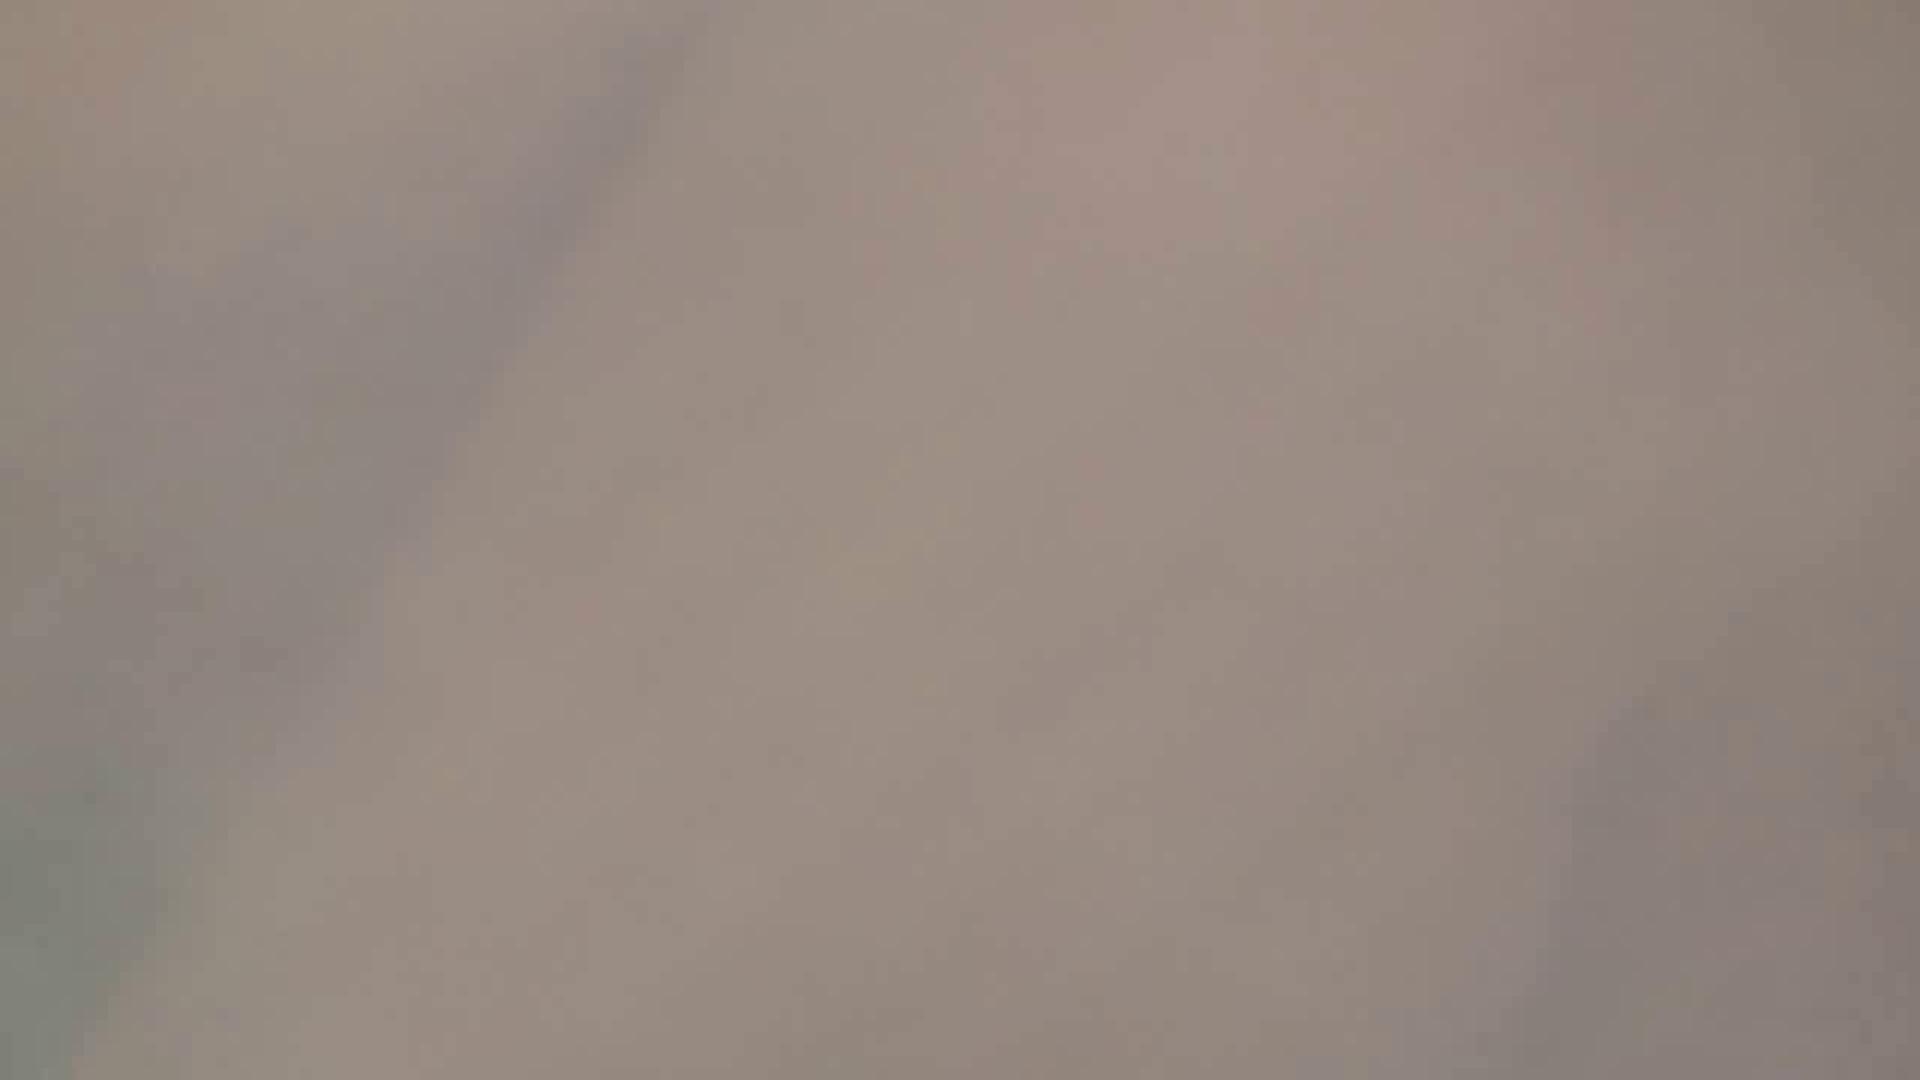 老舗ペンション2代目オーナーが流出したお宝映像Vol.3 オナニーする女性たち   OLセックス  90画像 31